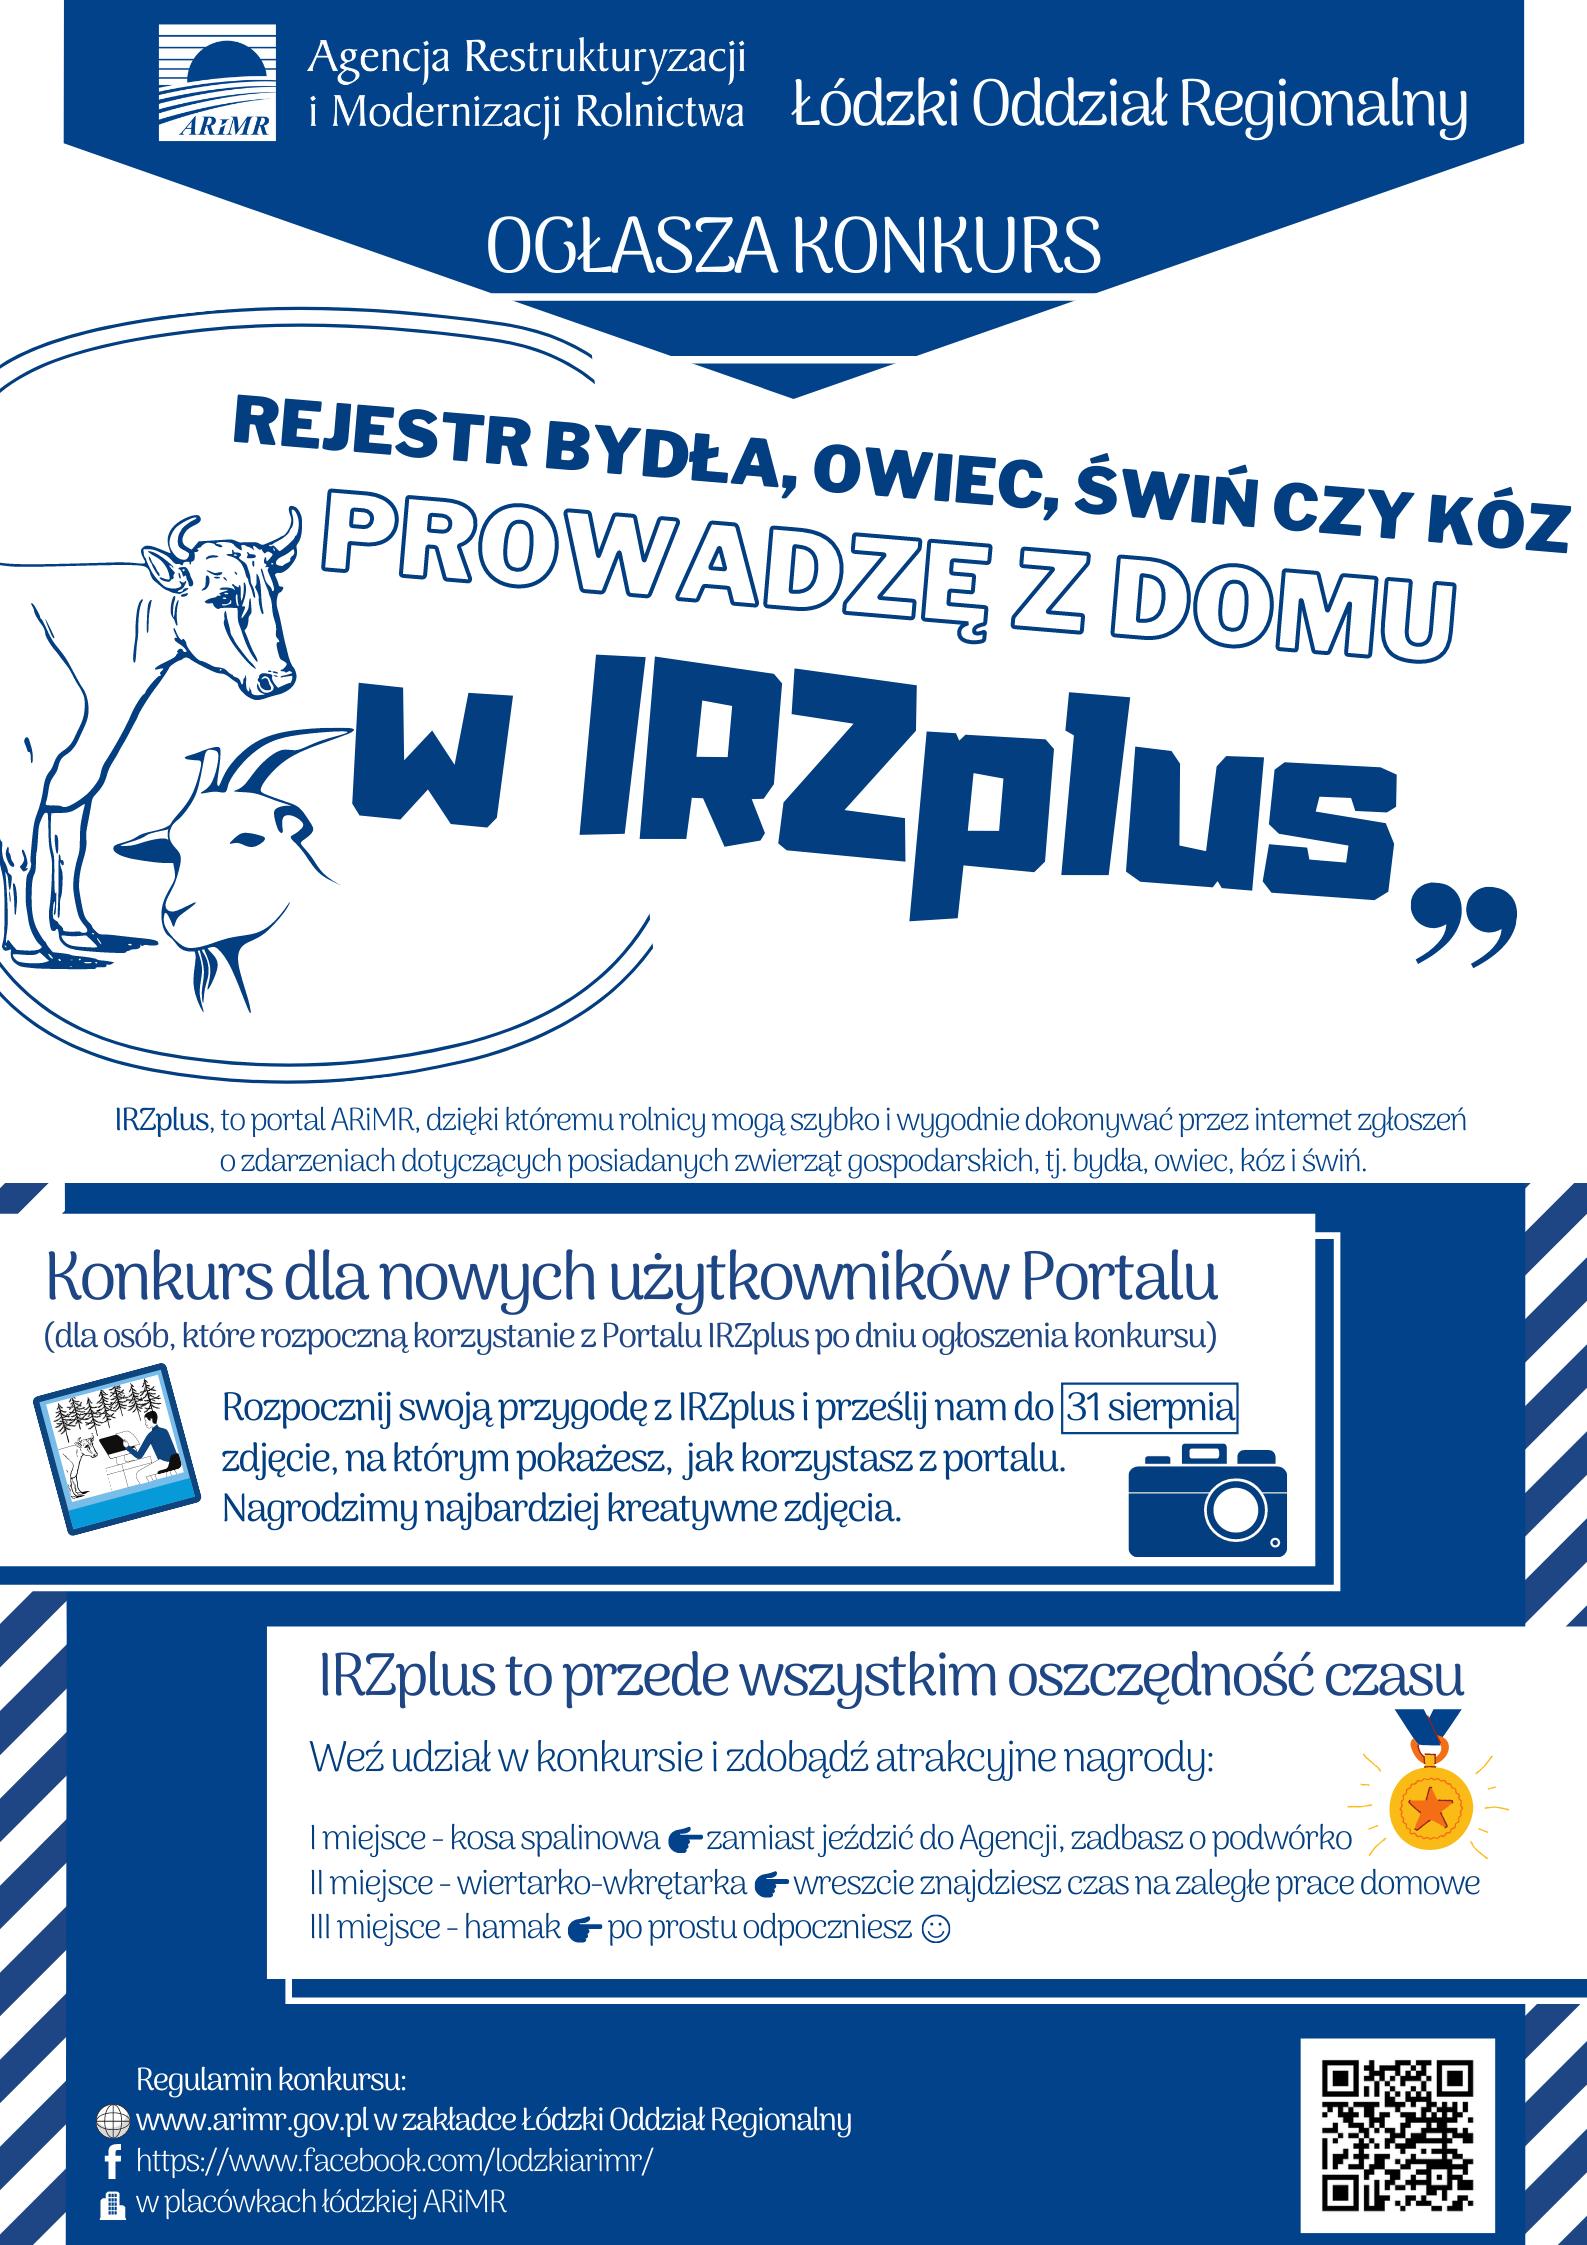 Ilustracja do informacji: Konkurs dla nowych użytkowników IRZplus: